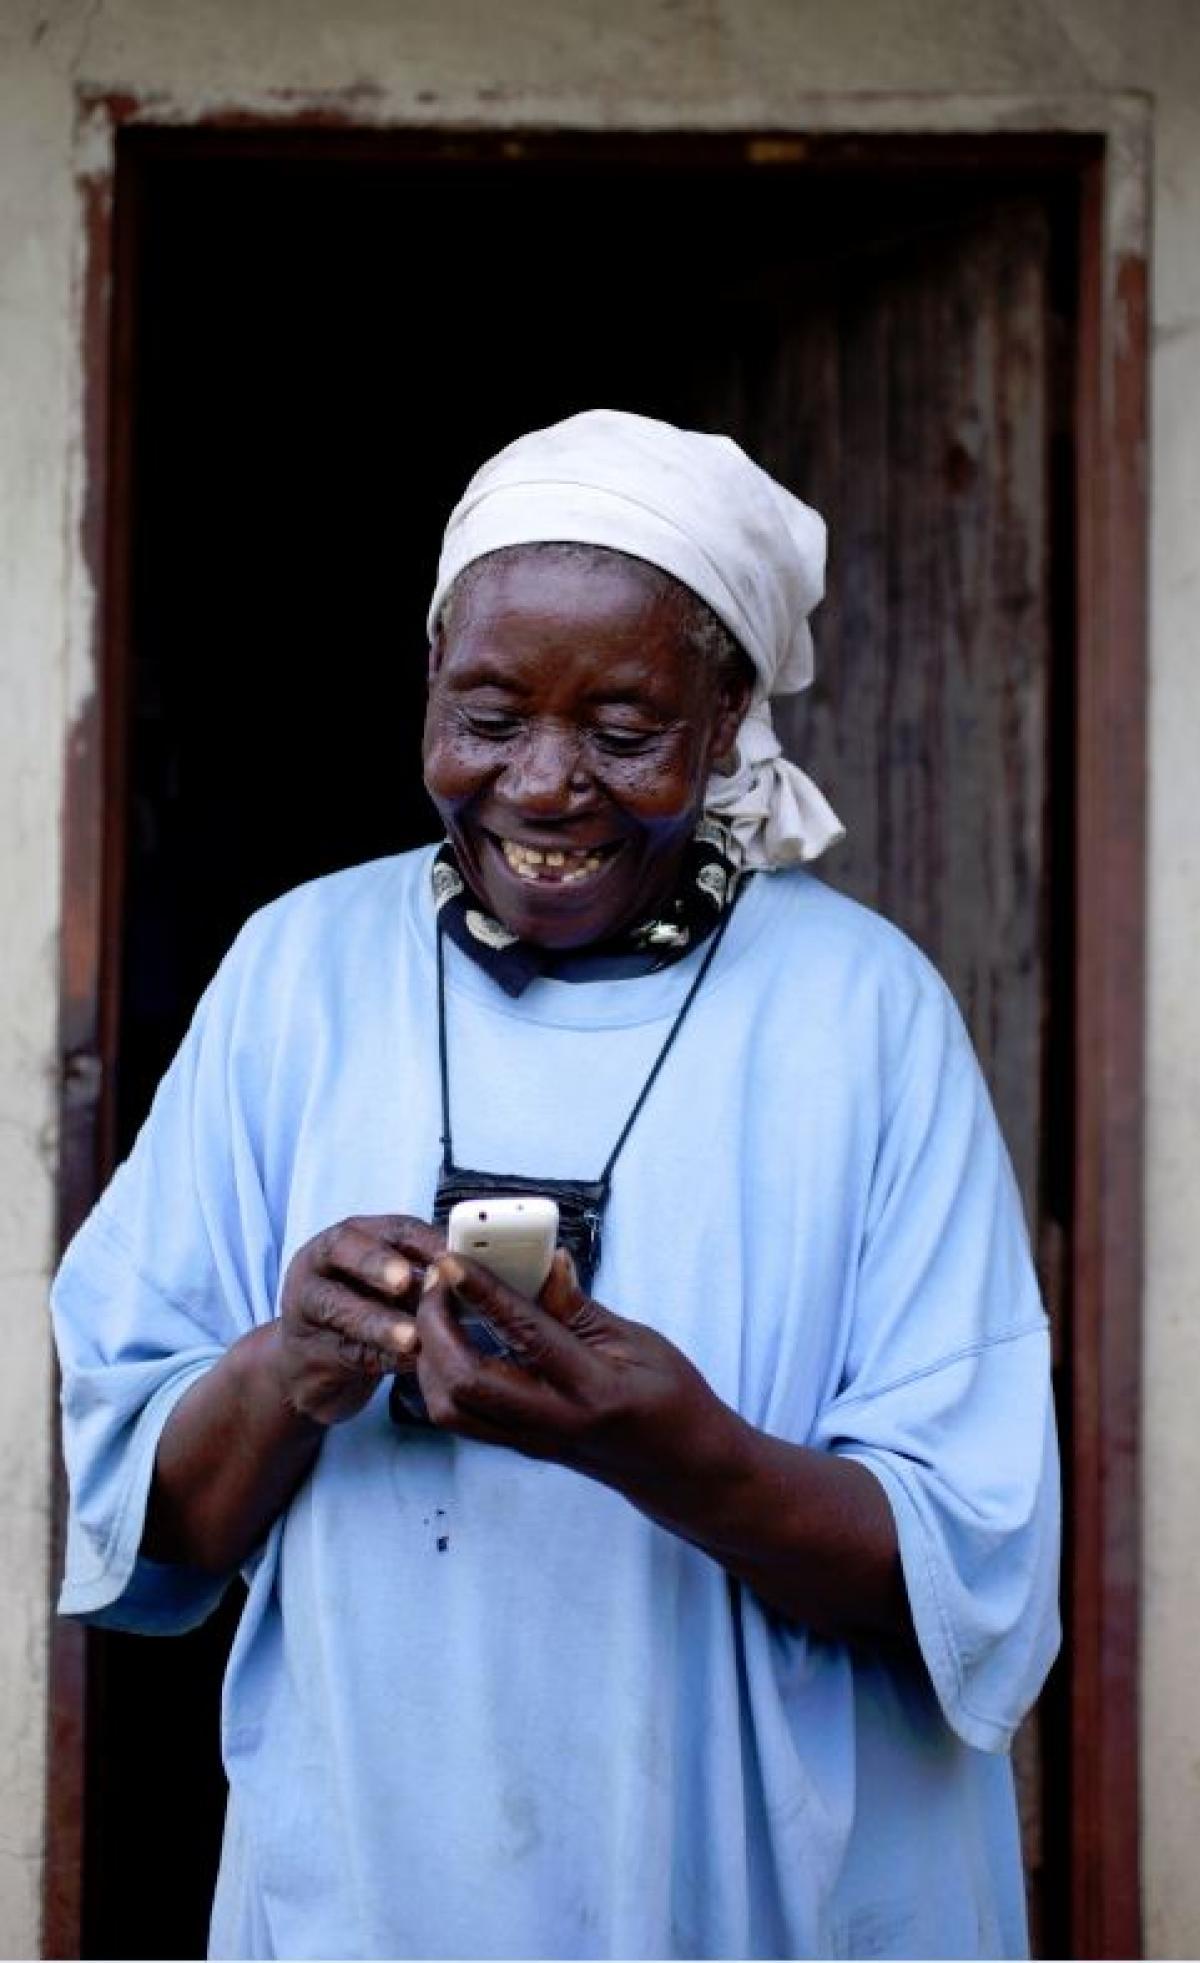 Florence aus Simbabwe erhält finanzielle Unterstützung per Mobiltelefon